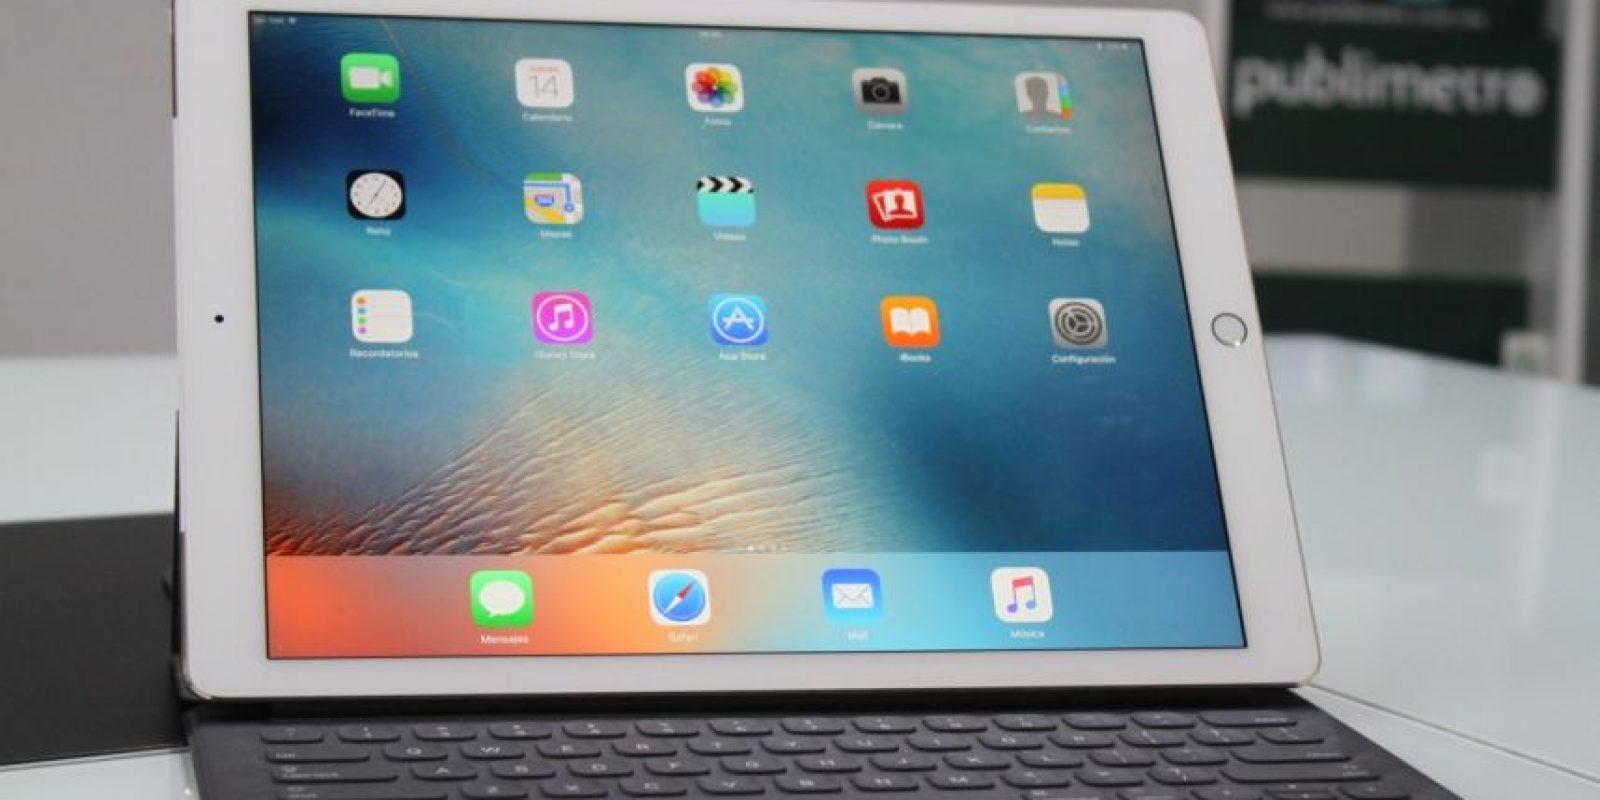 iPad Pro en el SmartKeyboard. Foto:Nicolás Corte. Imagen Por: